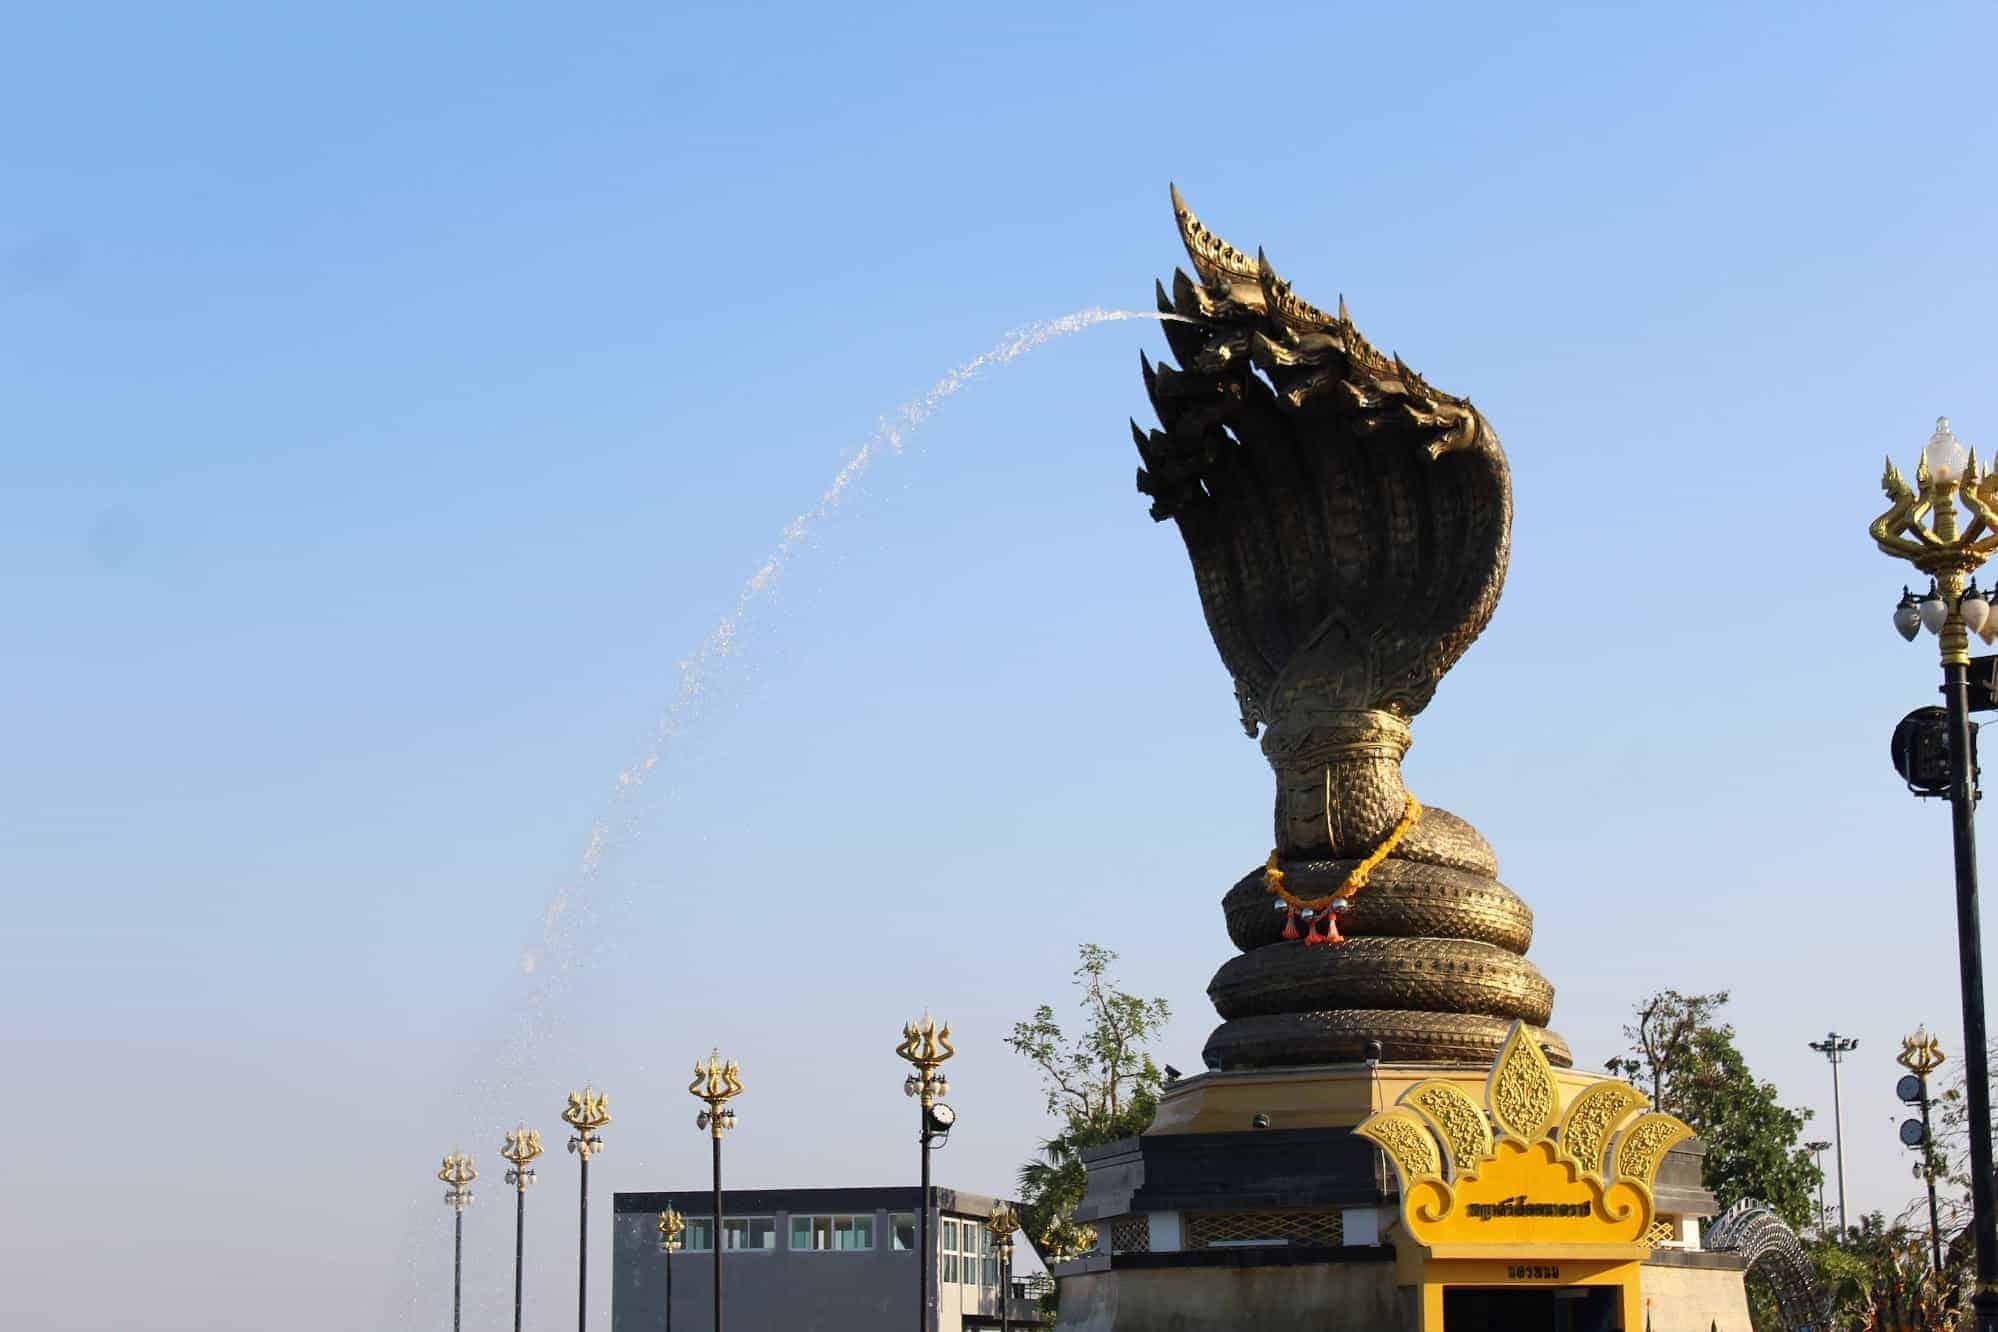 The Naga Statue in Nakhon Phanom